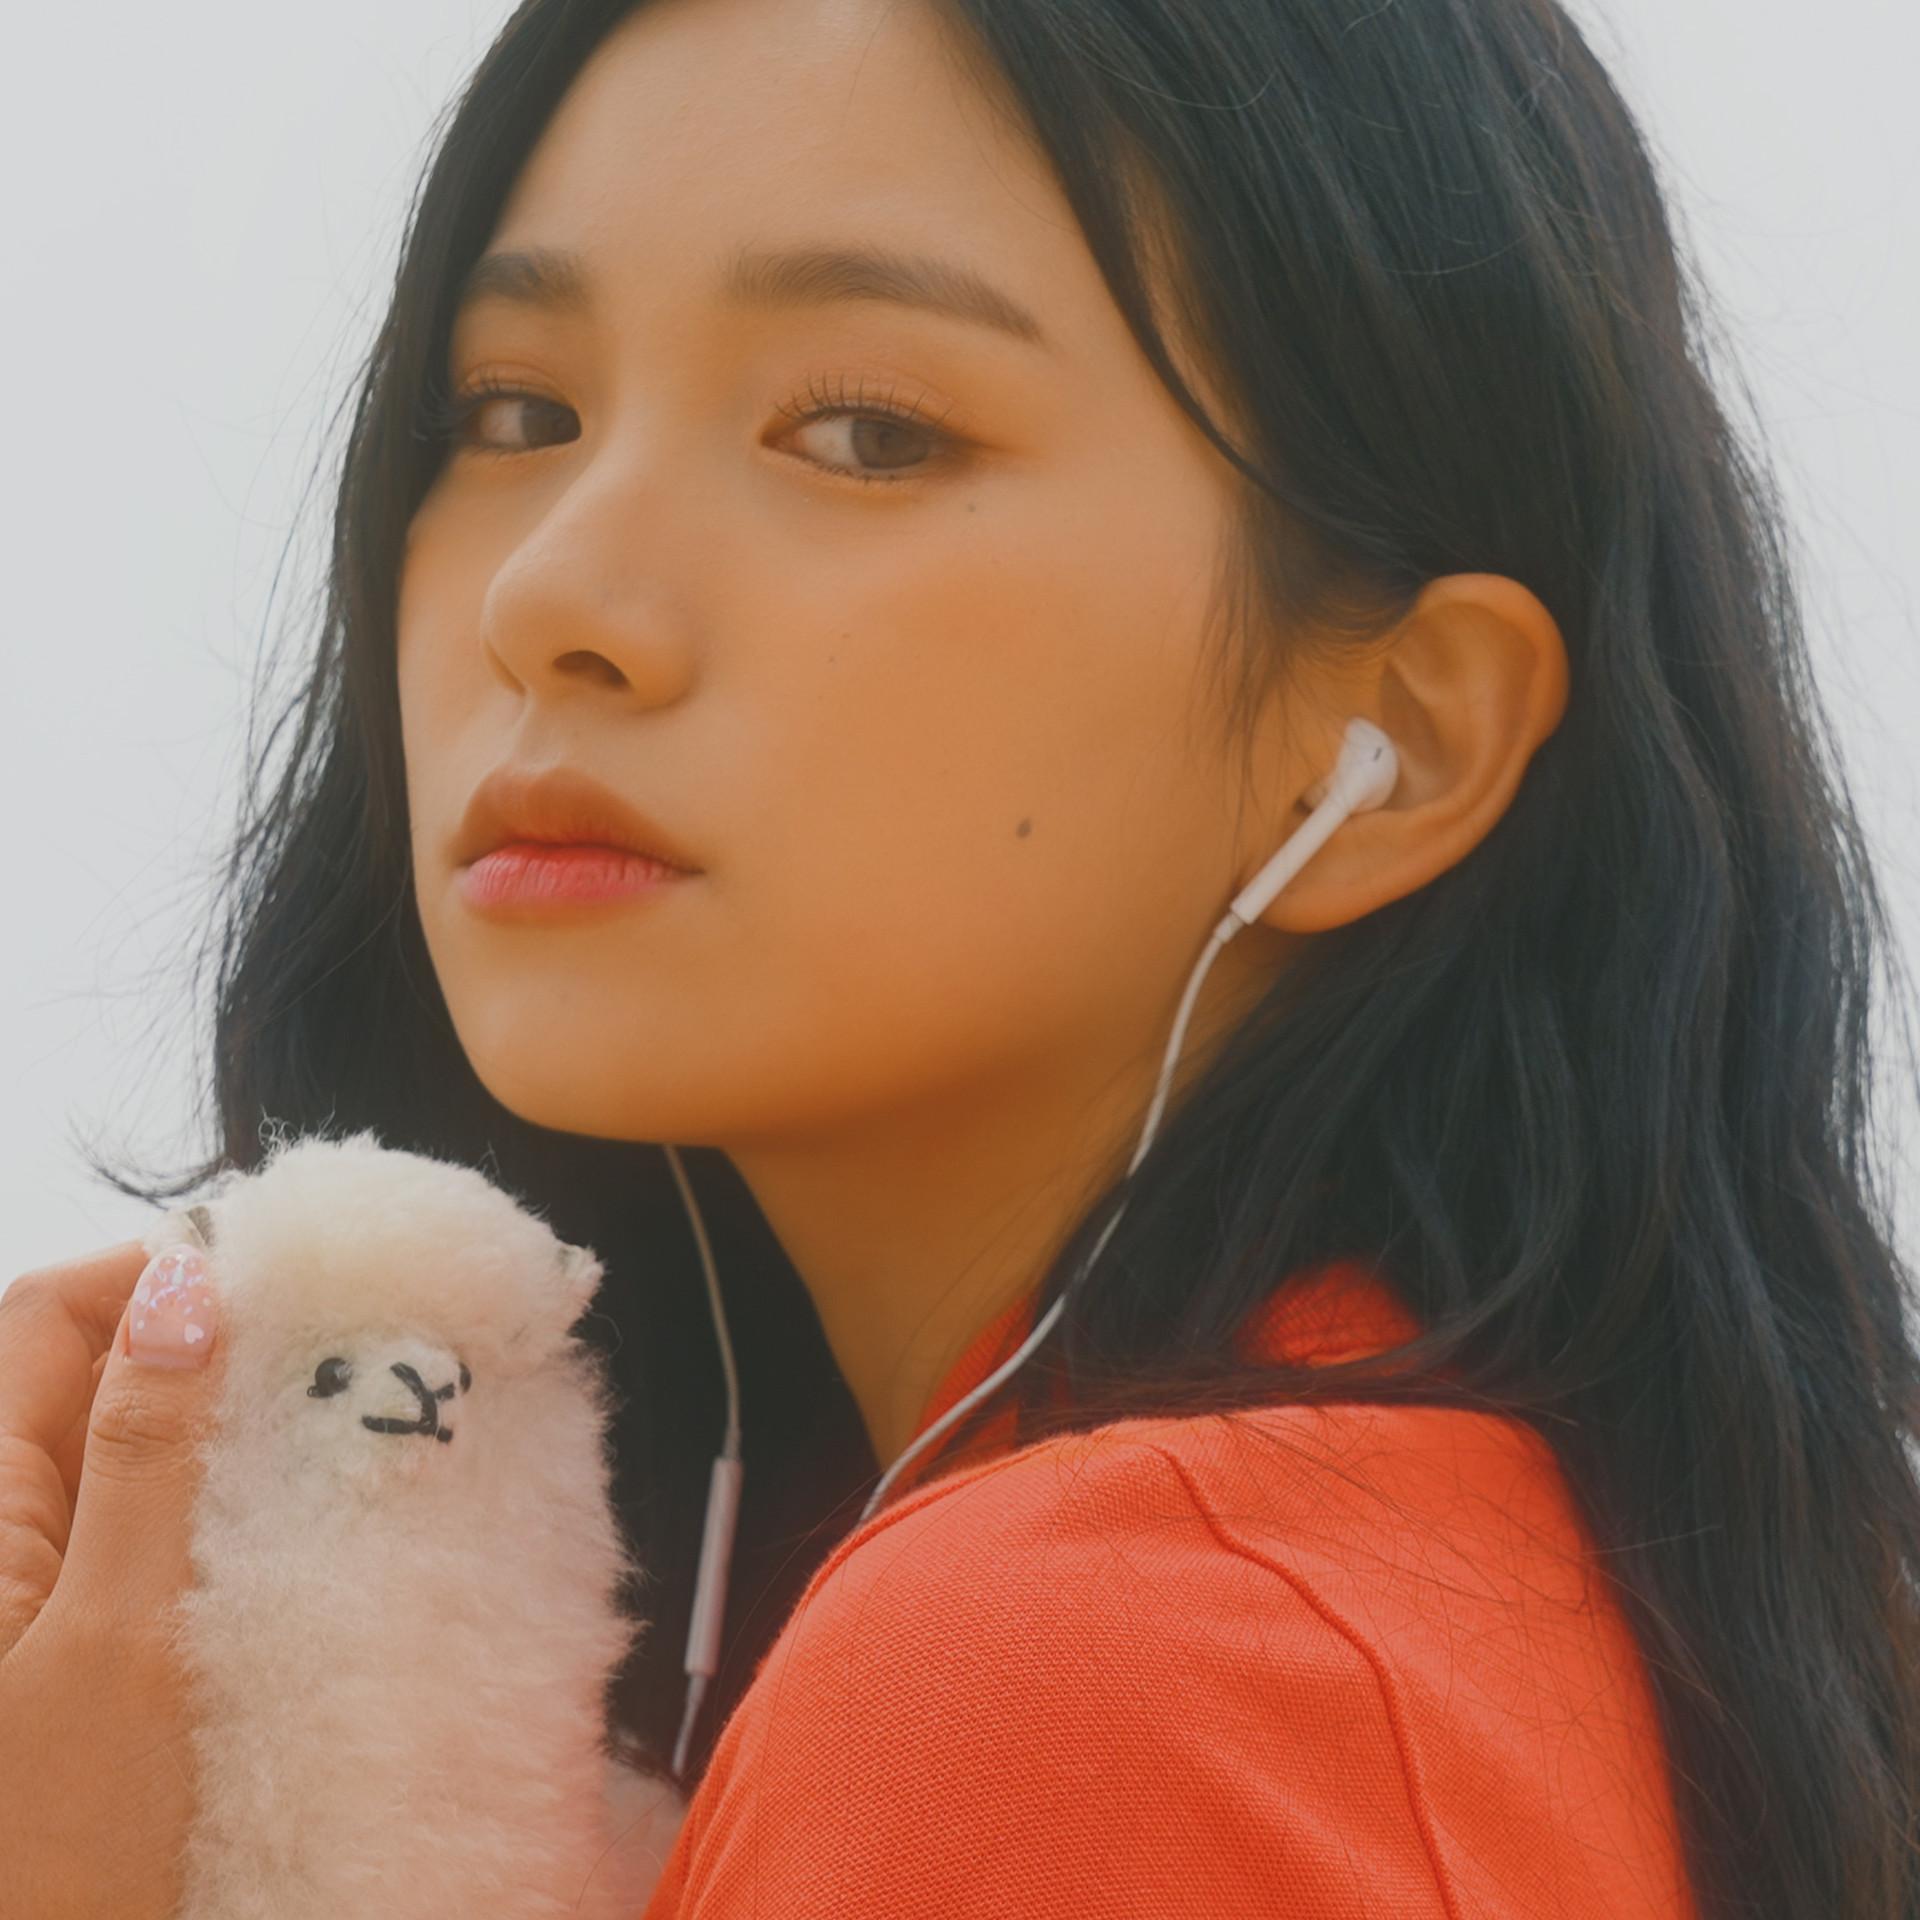 디너프 (DNEIRF) - fried love (Single) (2021.6.24)